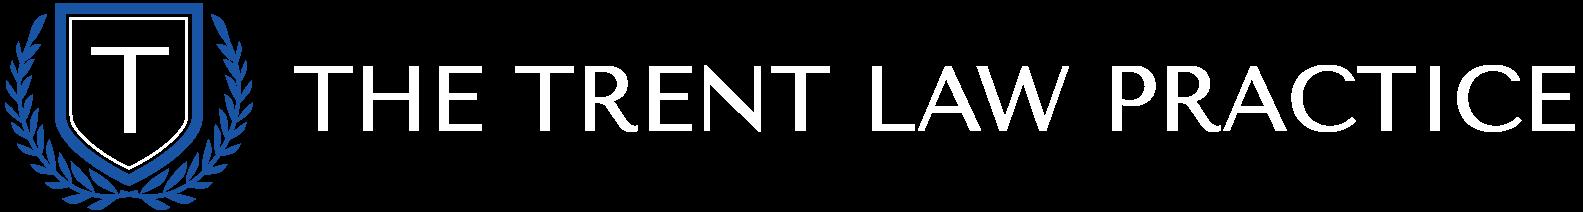 The Trent Law Practice